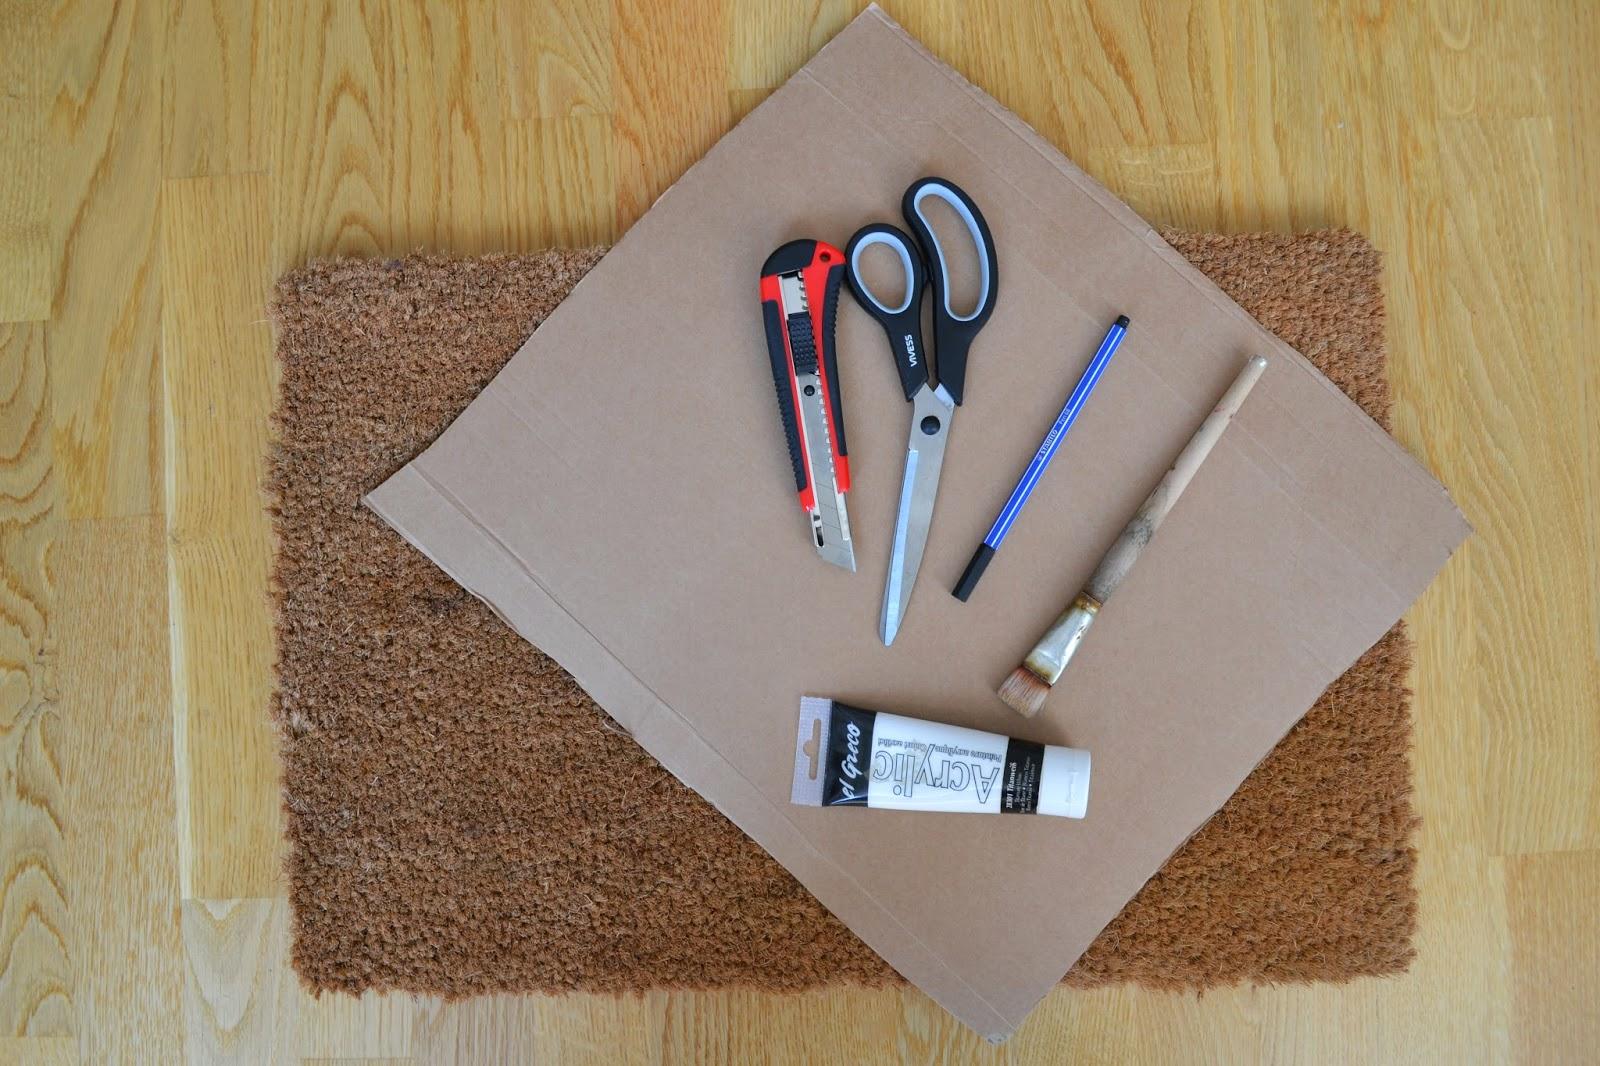 jurinde macht was diy fu matte selbst bemalen. Black Bedroom Furniture Sets. Home Design Ideas